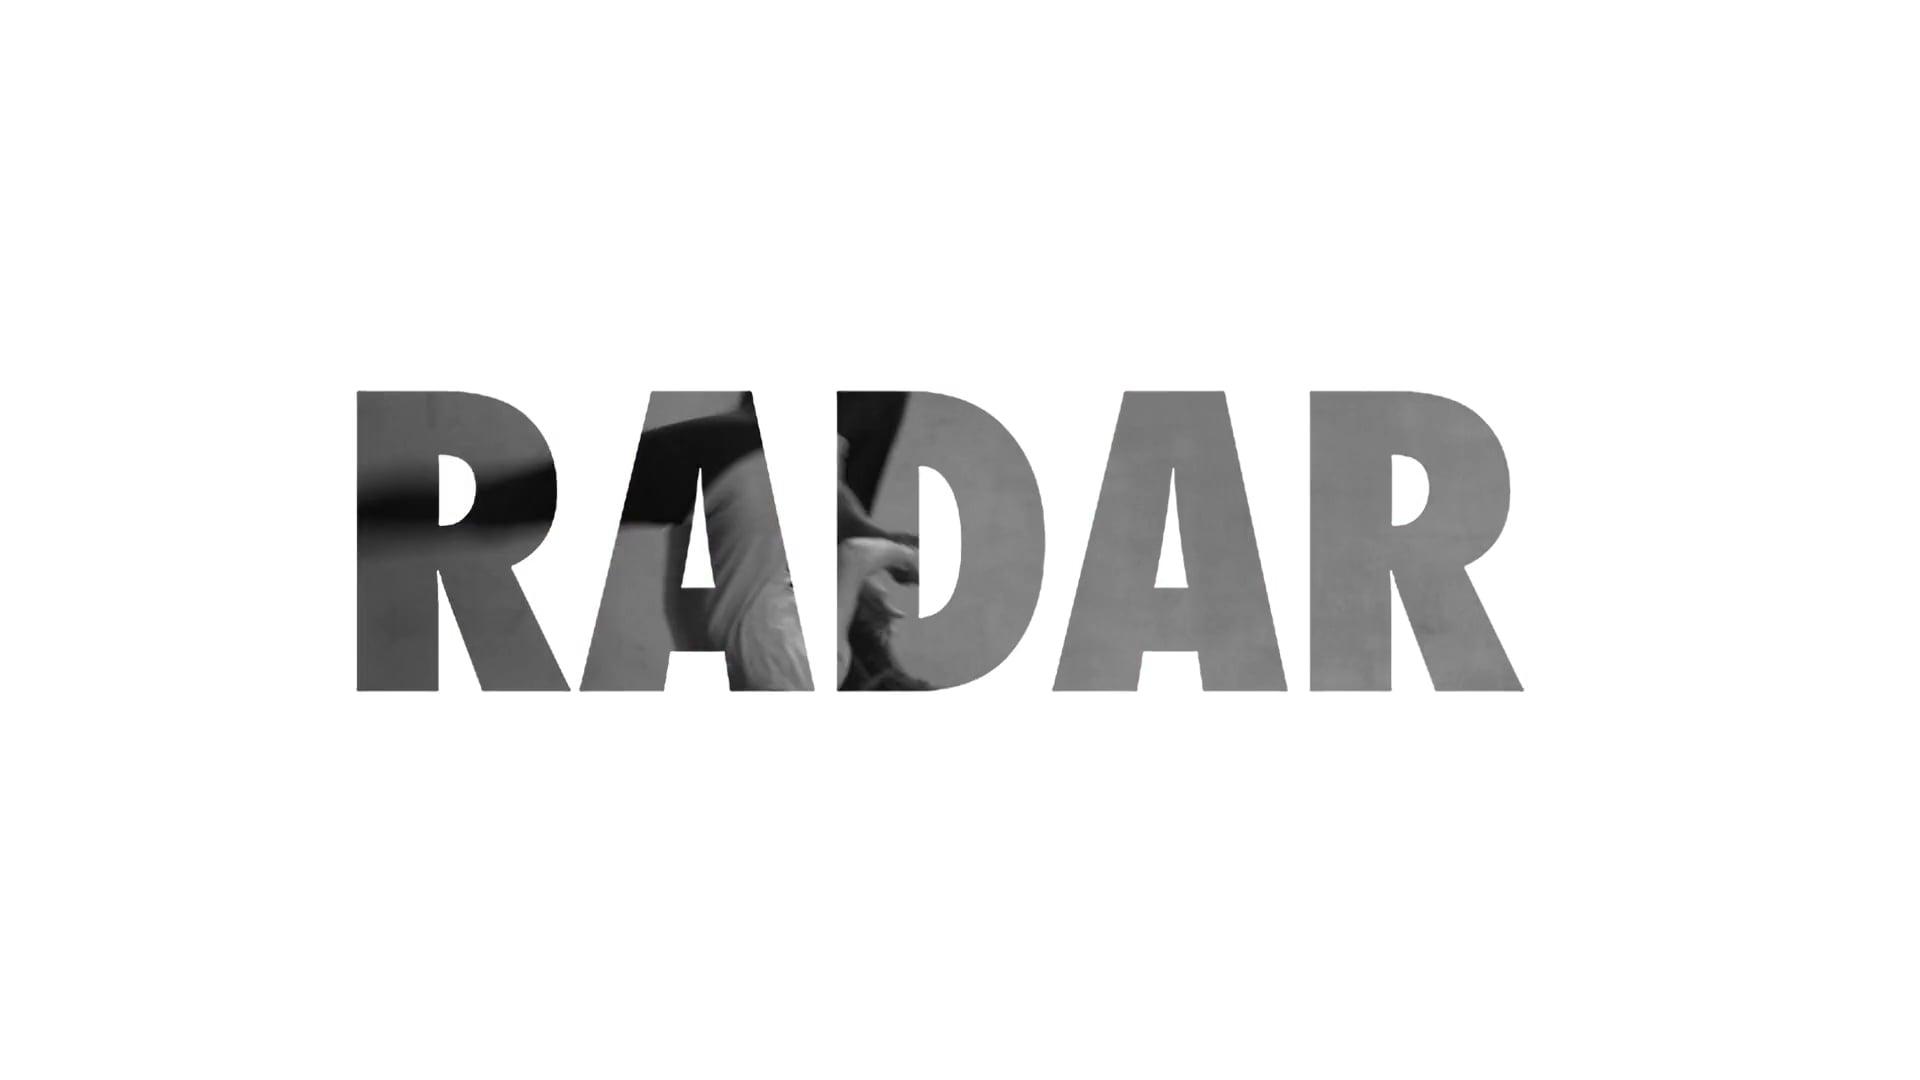 REEL RADAR PROD 2020